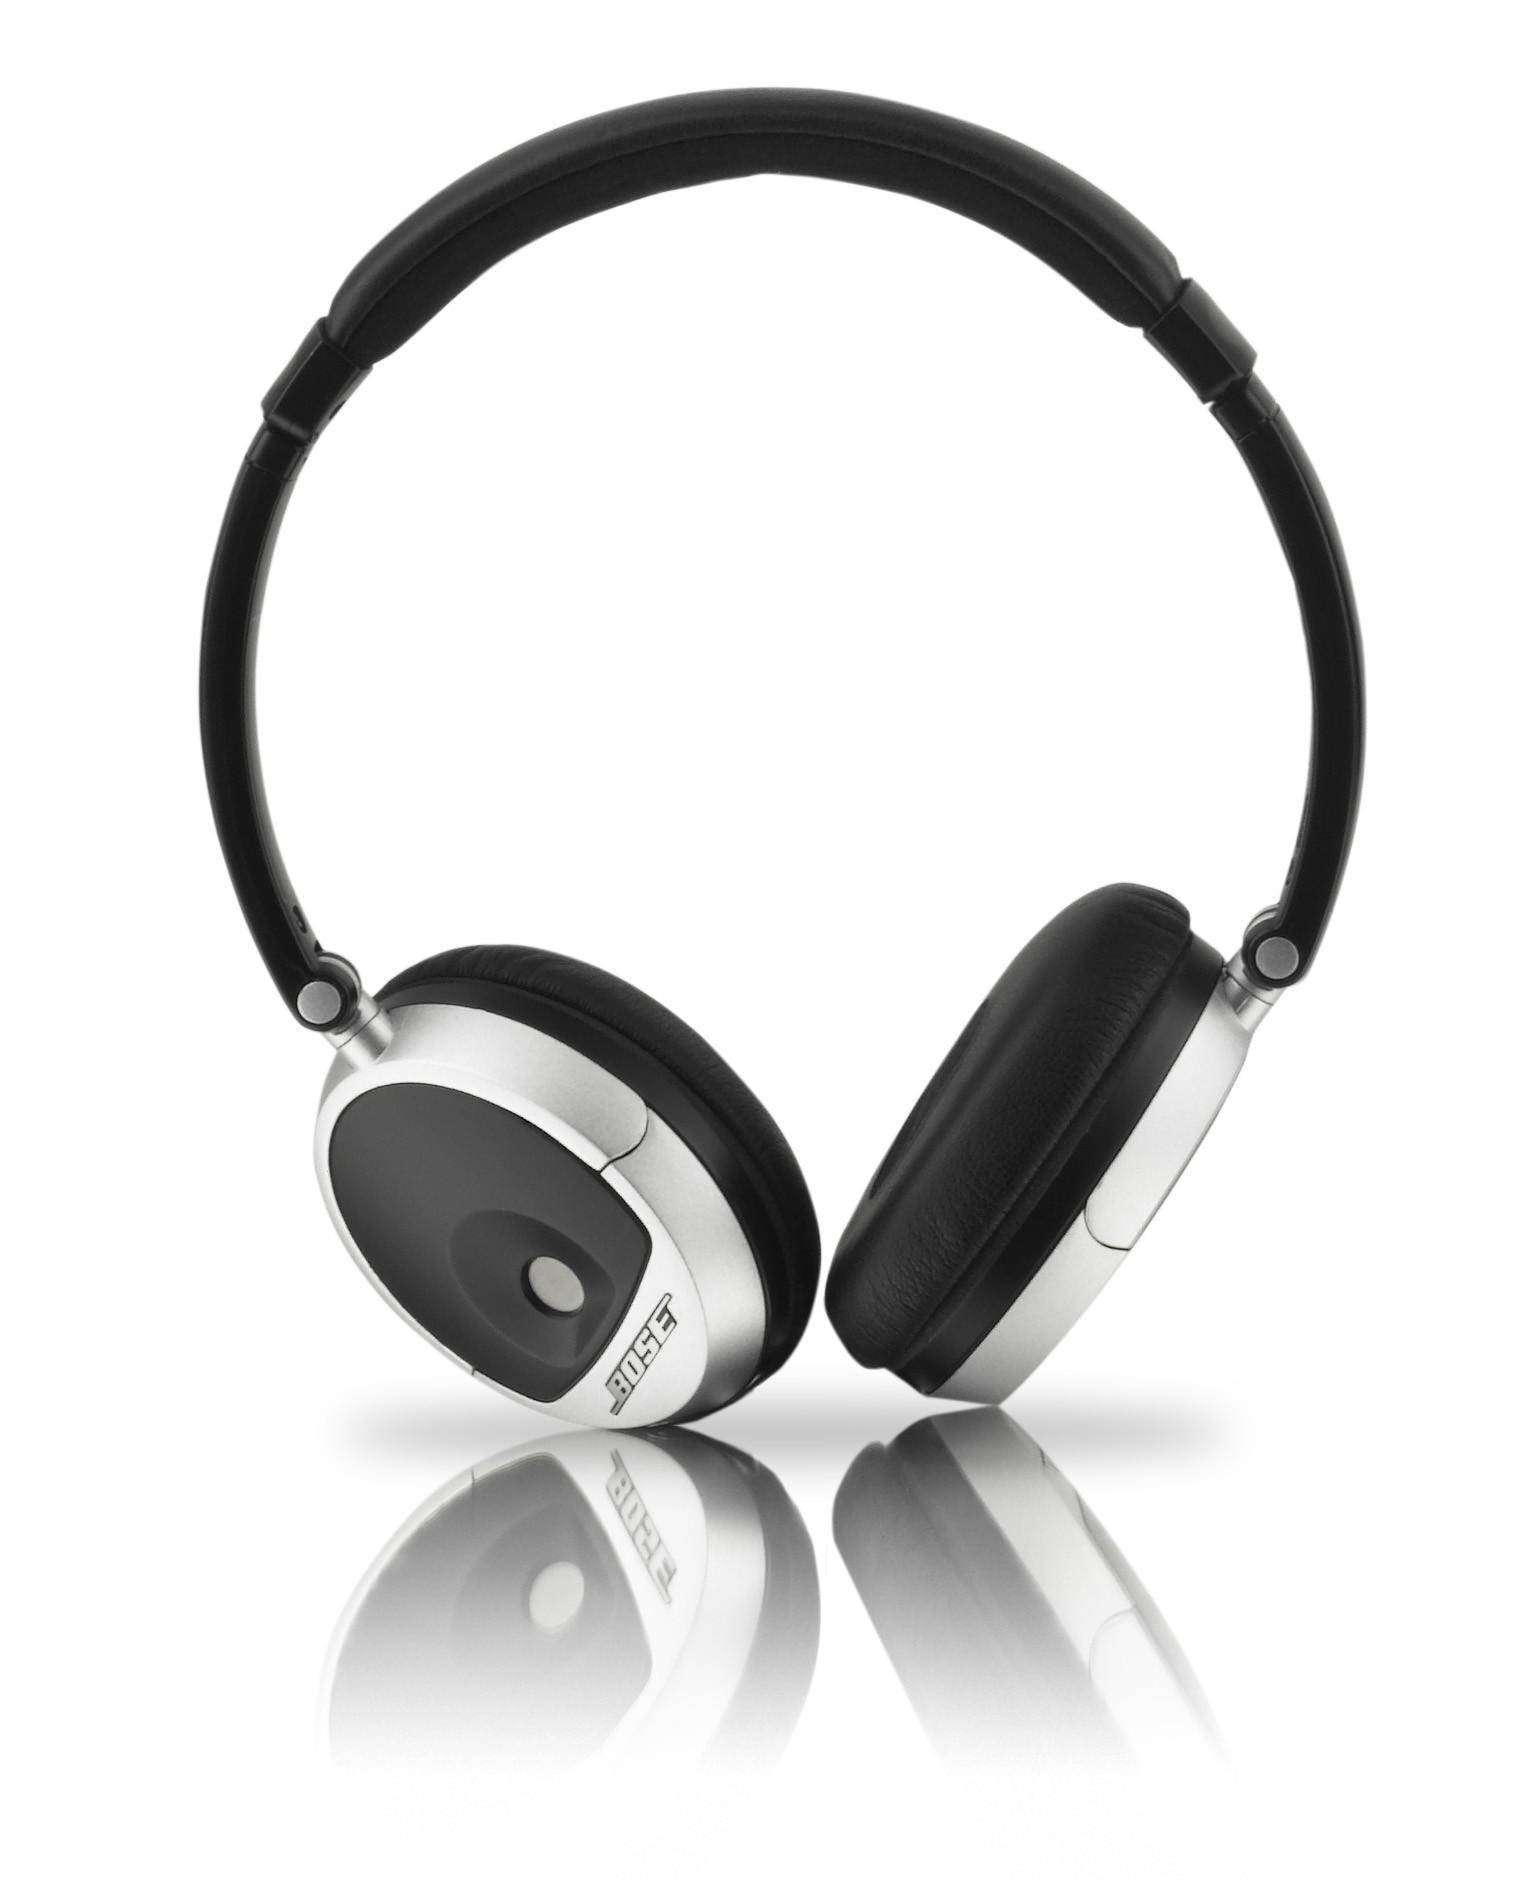 BOSEONEAR : Bose OE hodetelefoner